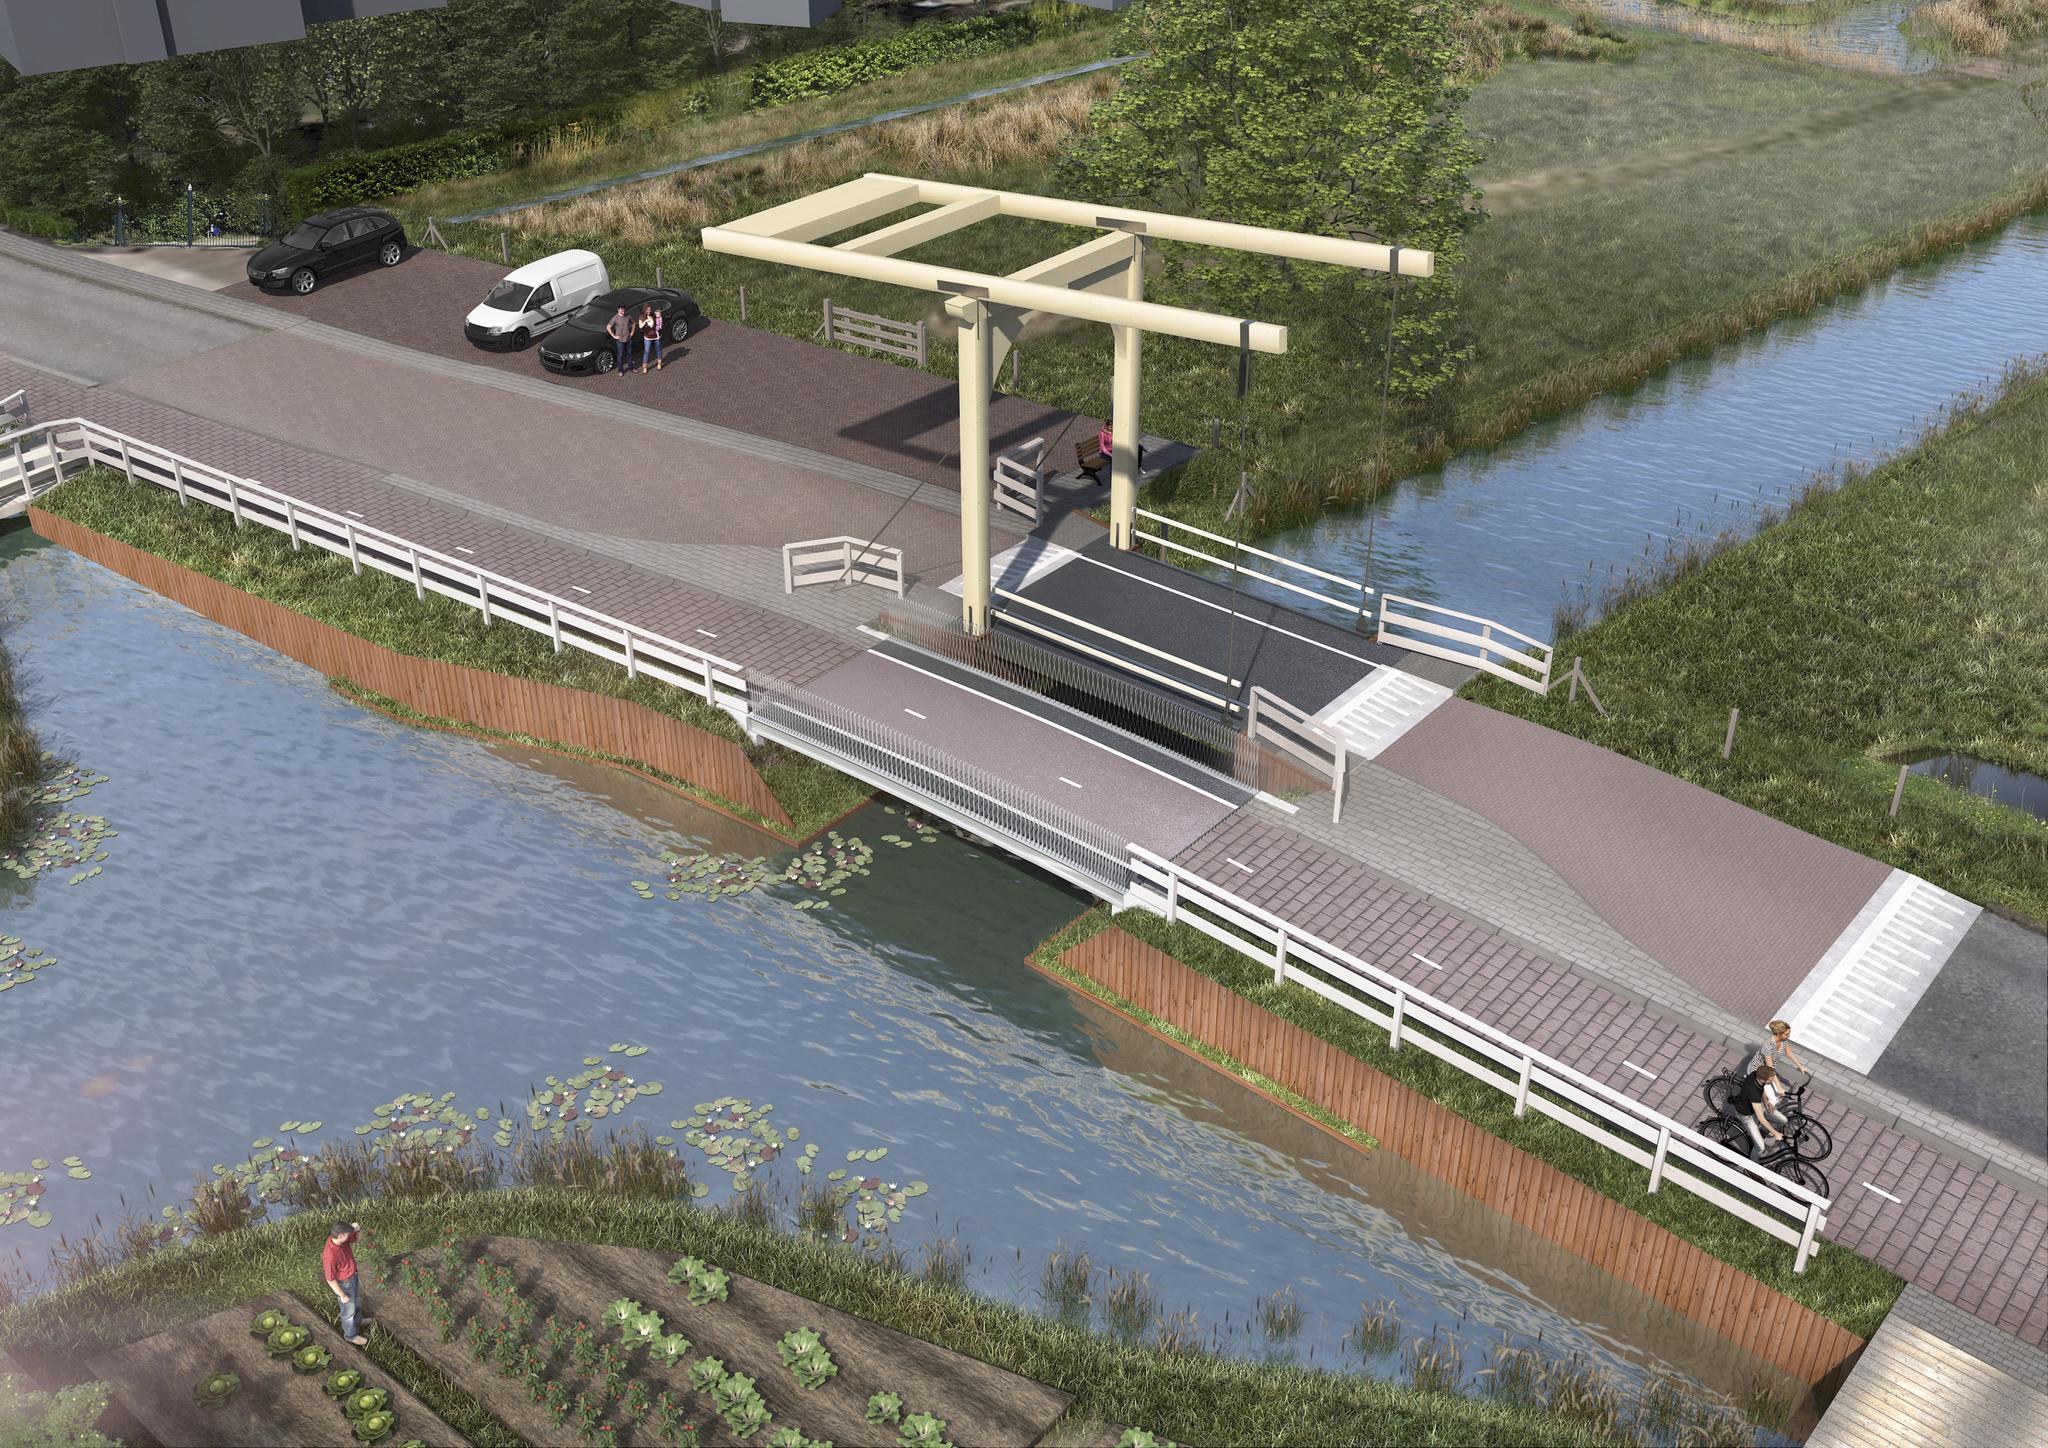 Het dorp Ankeveen krijgt bij de entree een iconische brug terug